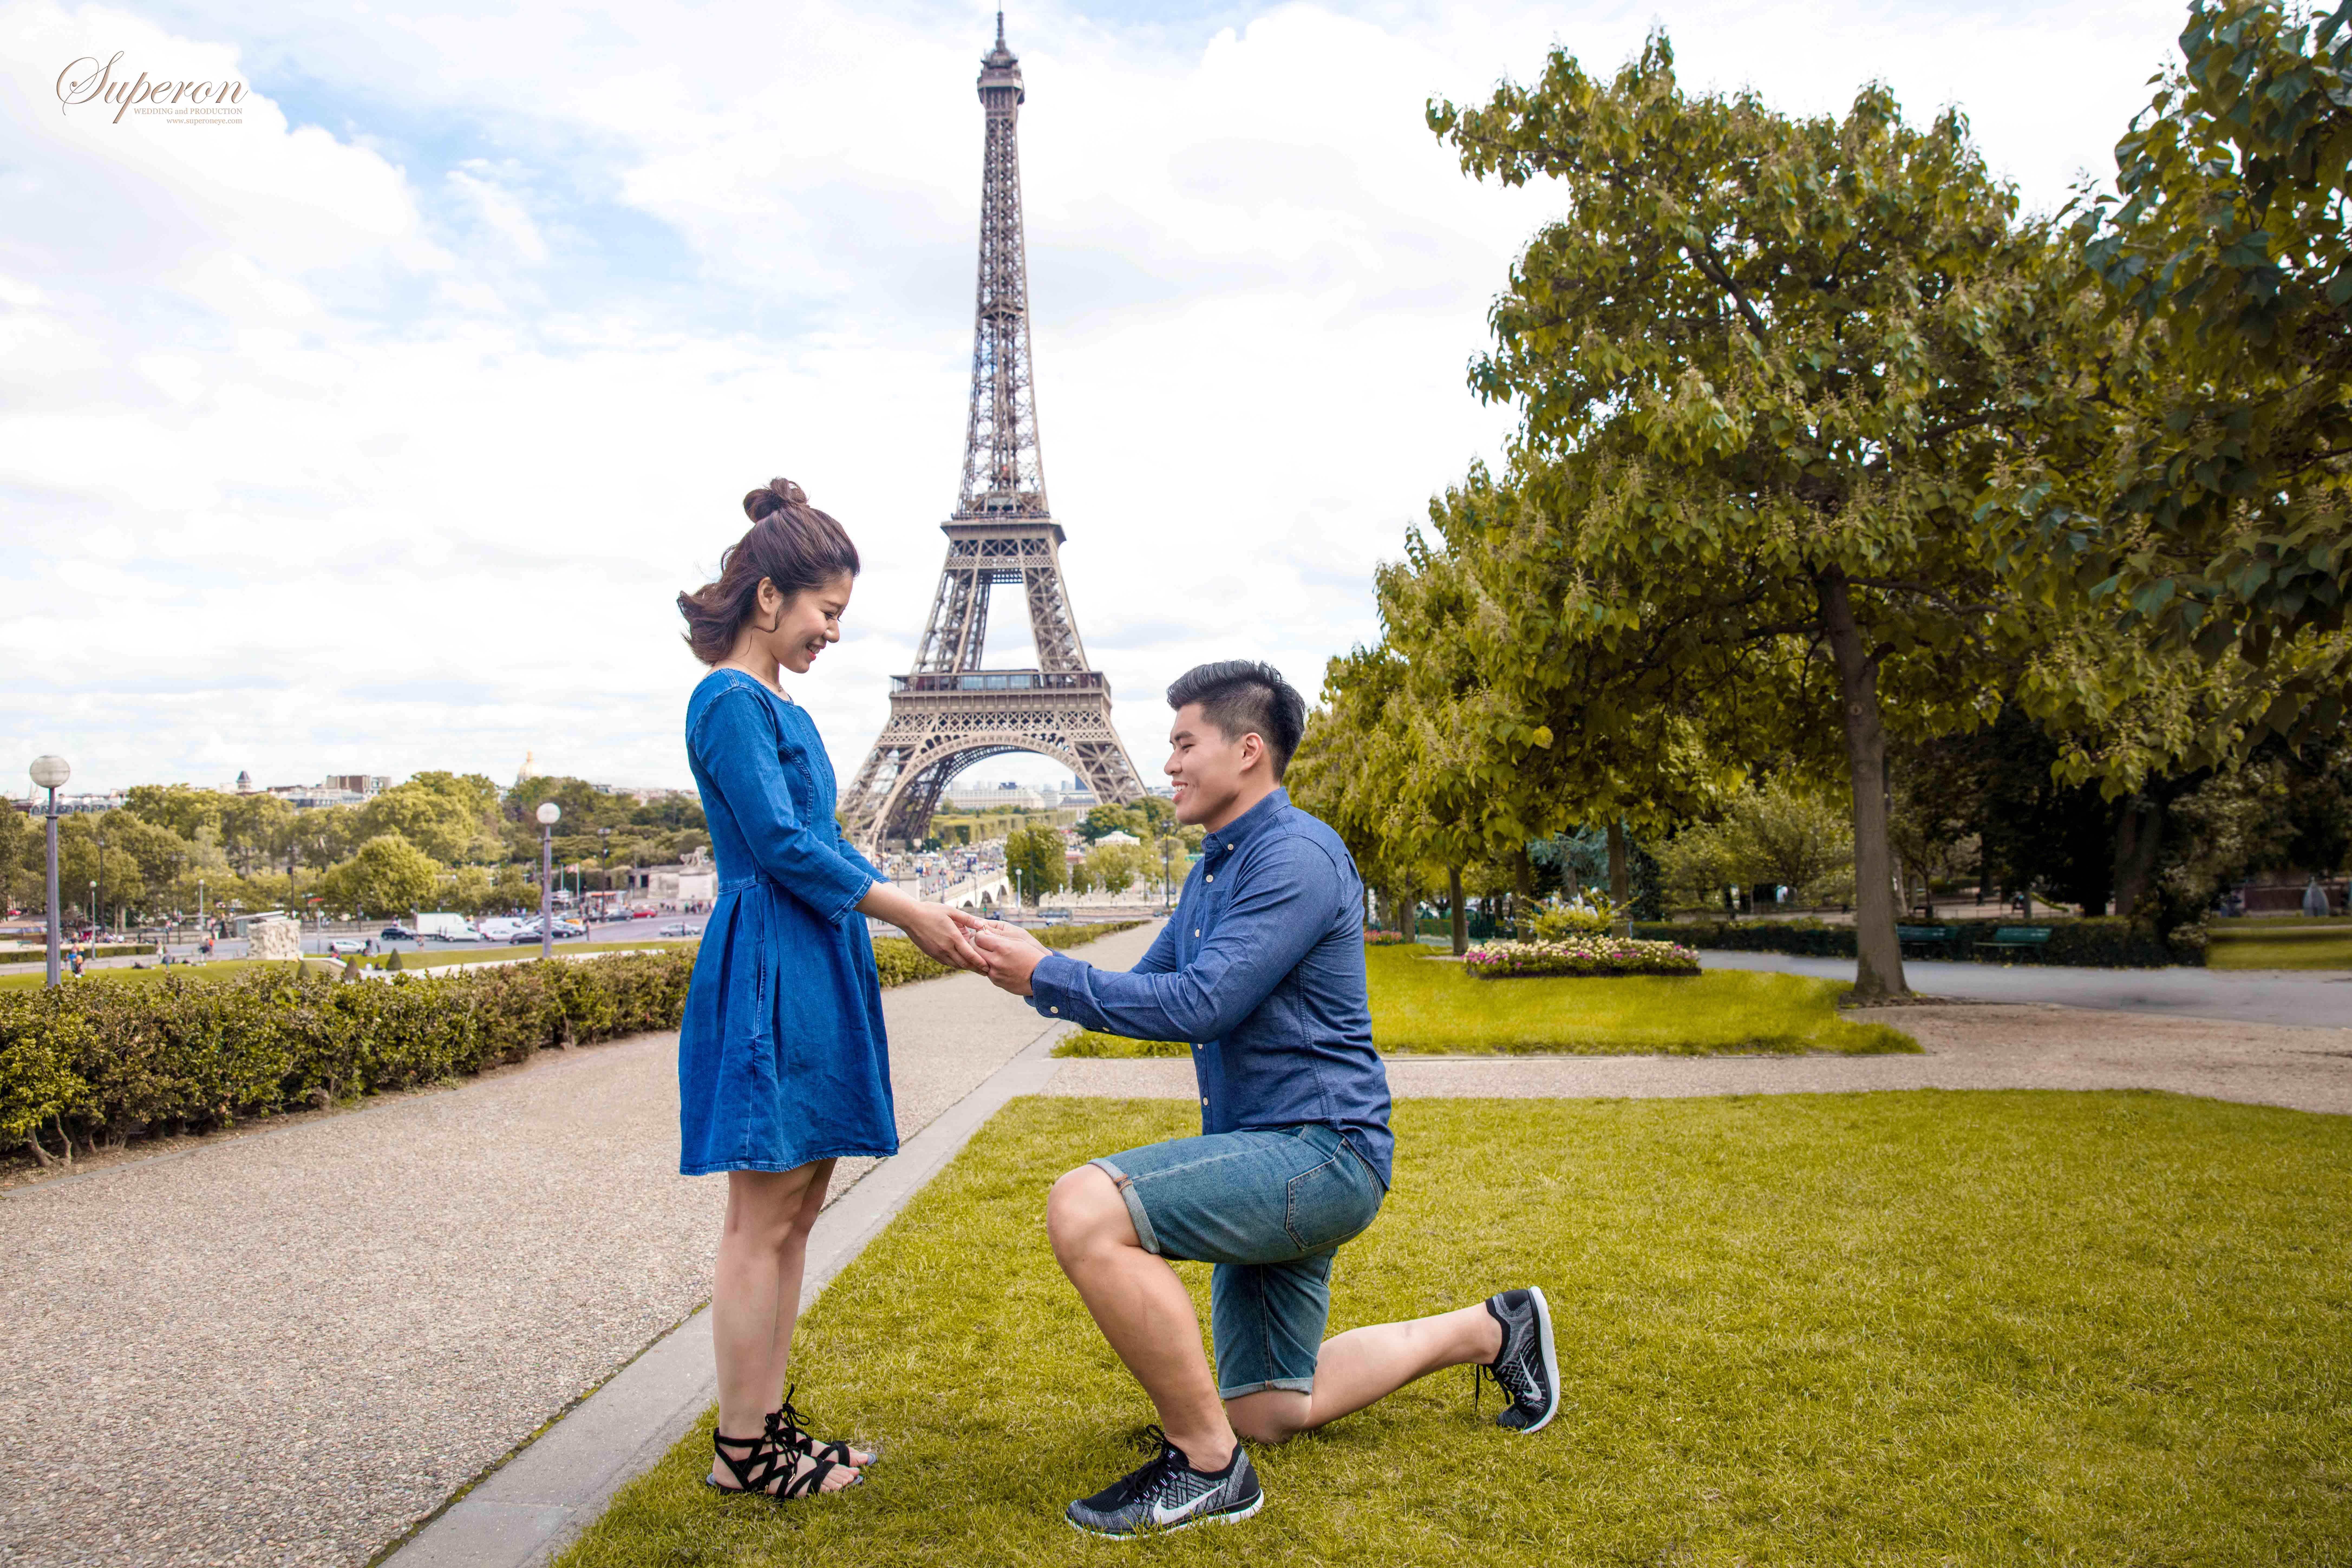 巴黎求婚 巴黎婚紗攝影   法國巴黎婚紗攝影   巴黎婚紗旅拍